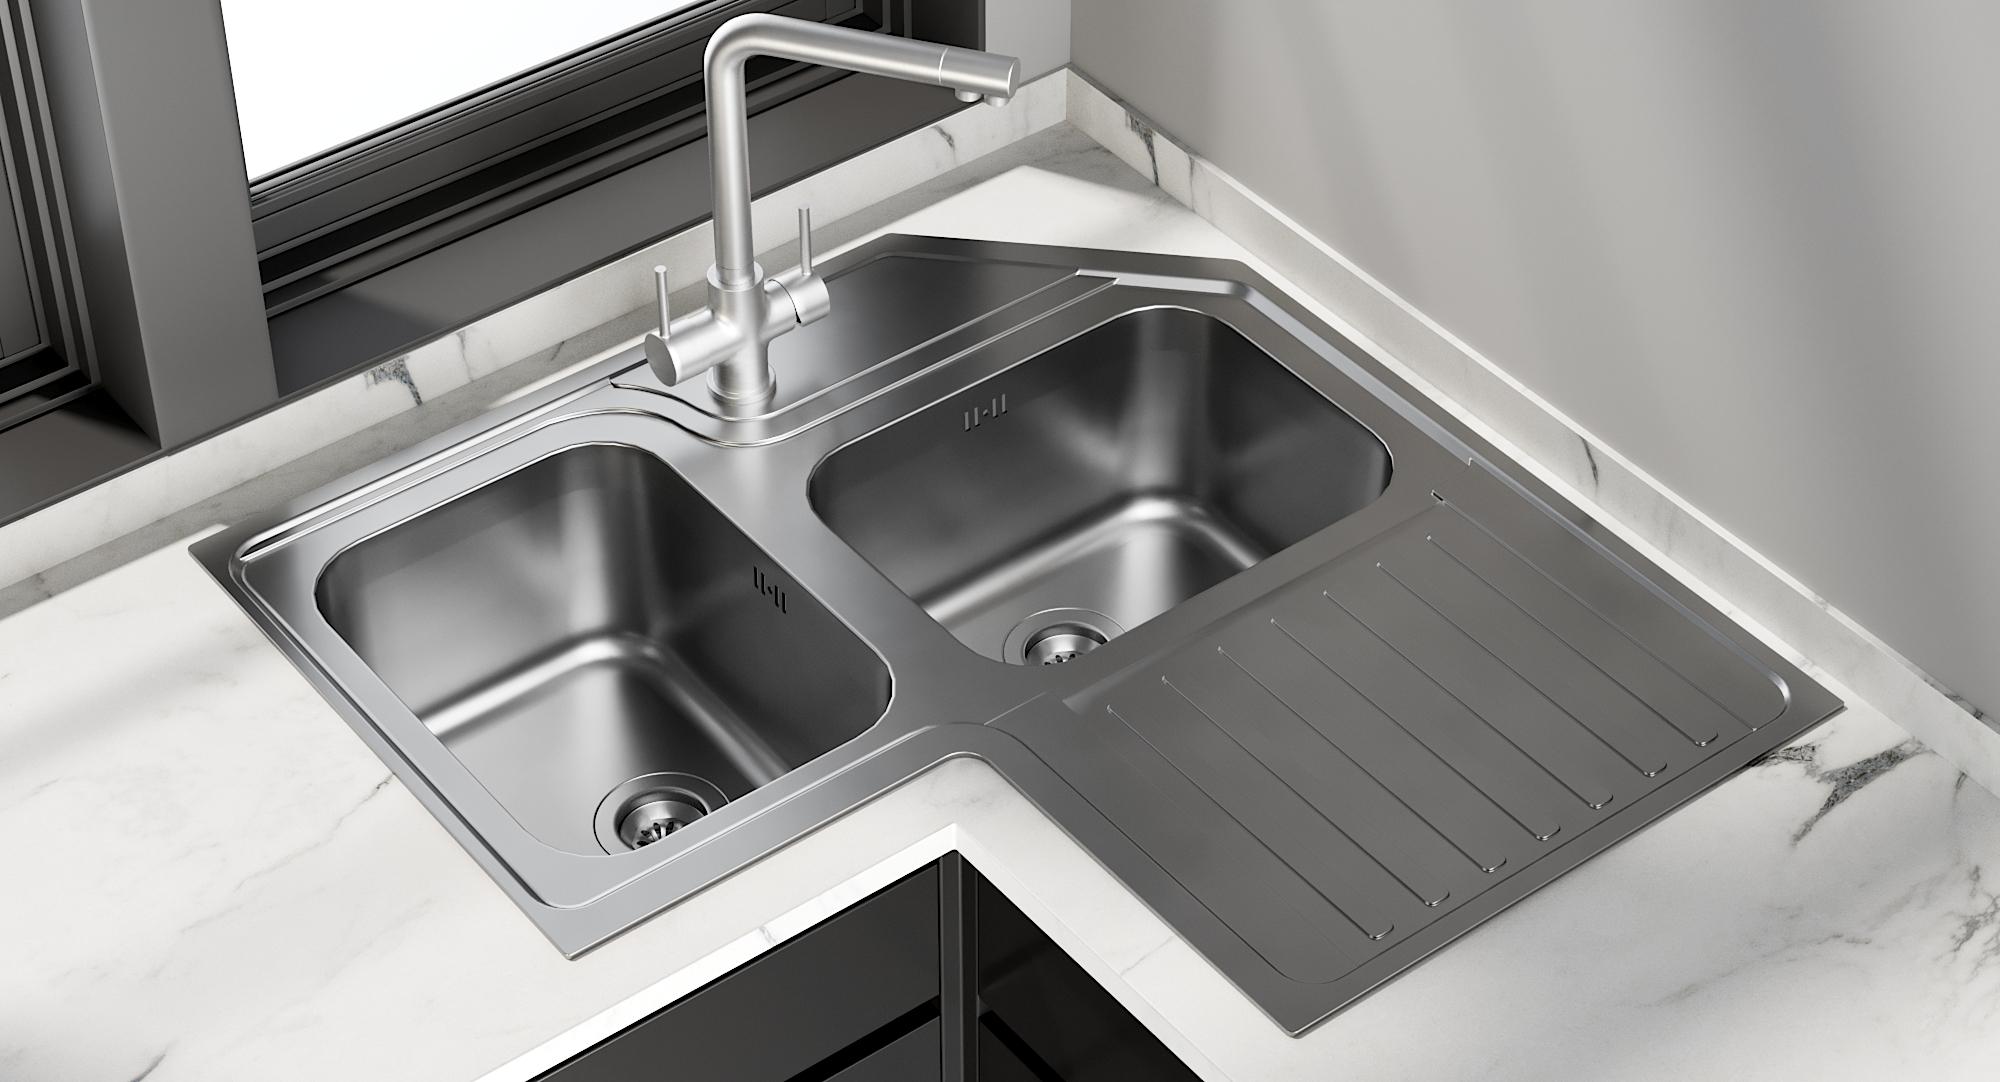 Realistic Sink Alba Mixer Model